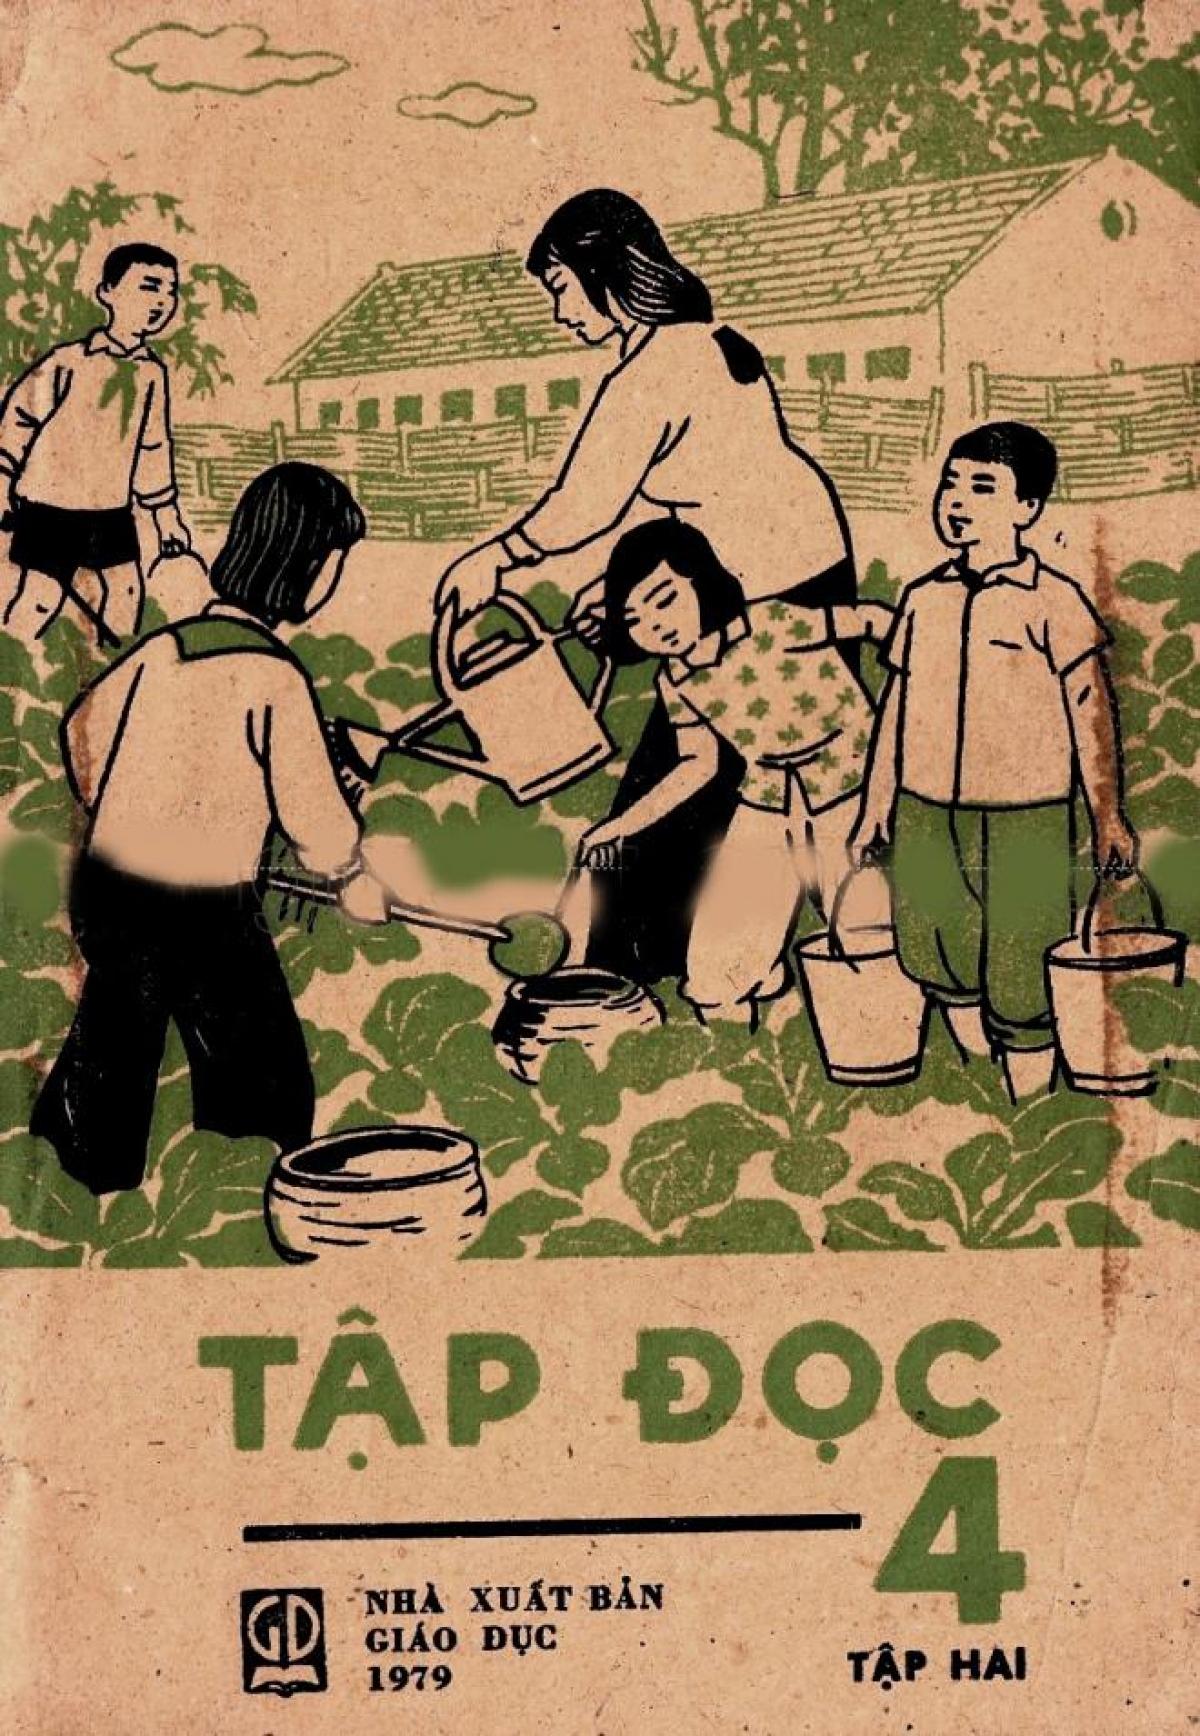 Ngắm lại bìa sách giáo khoa môn Học vần, Tập đọc, Tiếng Việt, Văn... bậc tiểu học của 30 - 40 năm trước, những người thế hệ 7X, 8X hẳn sẽ thấy thương nhớ rưng rưng.